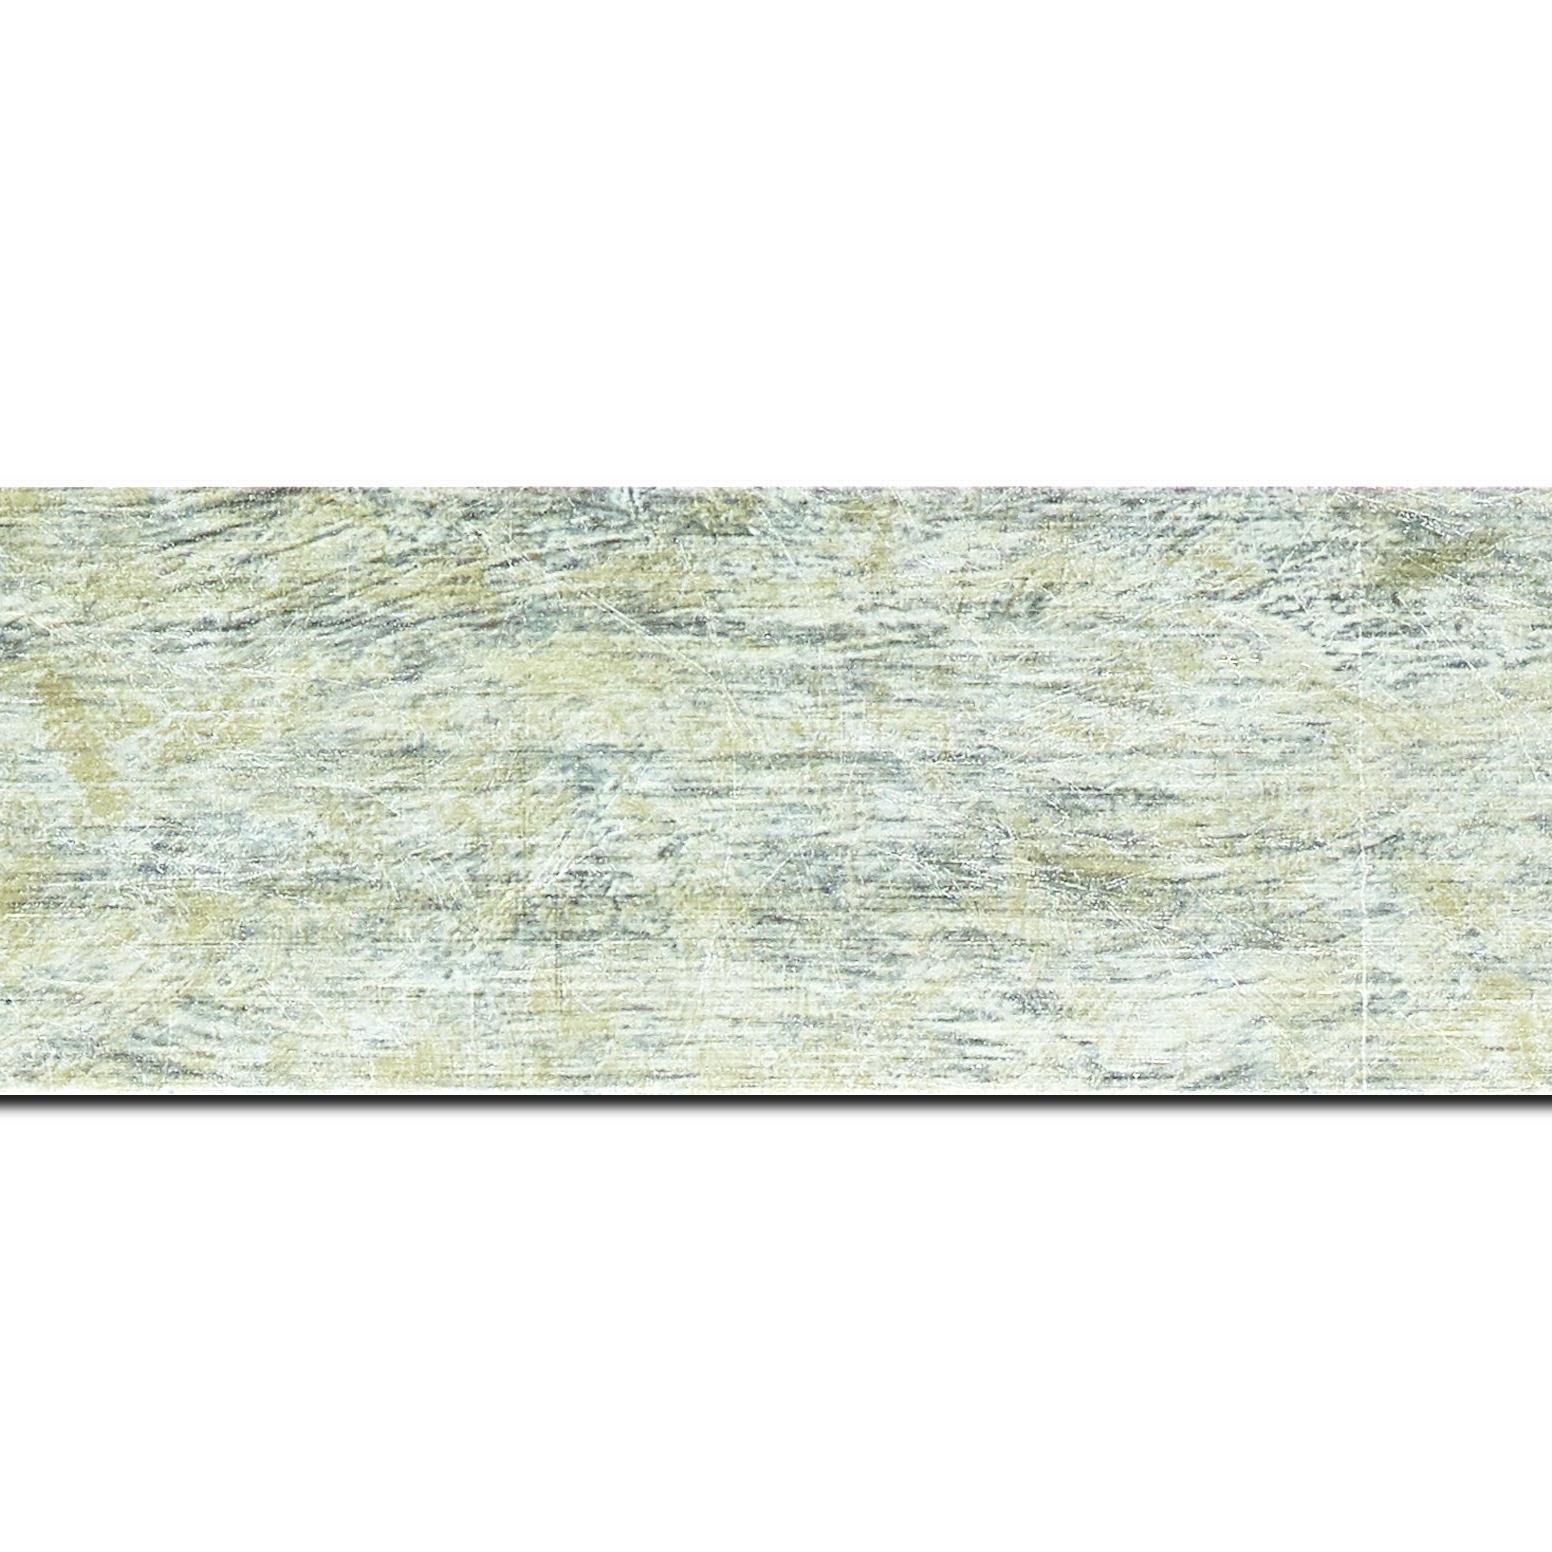 Pack par 12m, bois profil plat largeur 5.9cm argent effet marbré(longueur baguette pouvant varier entre 2.40m et 3m selon arrivage des bois)